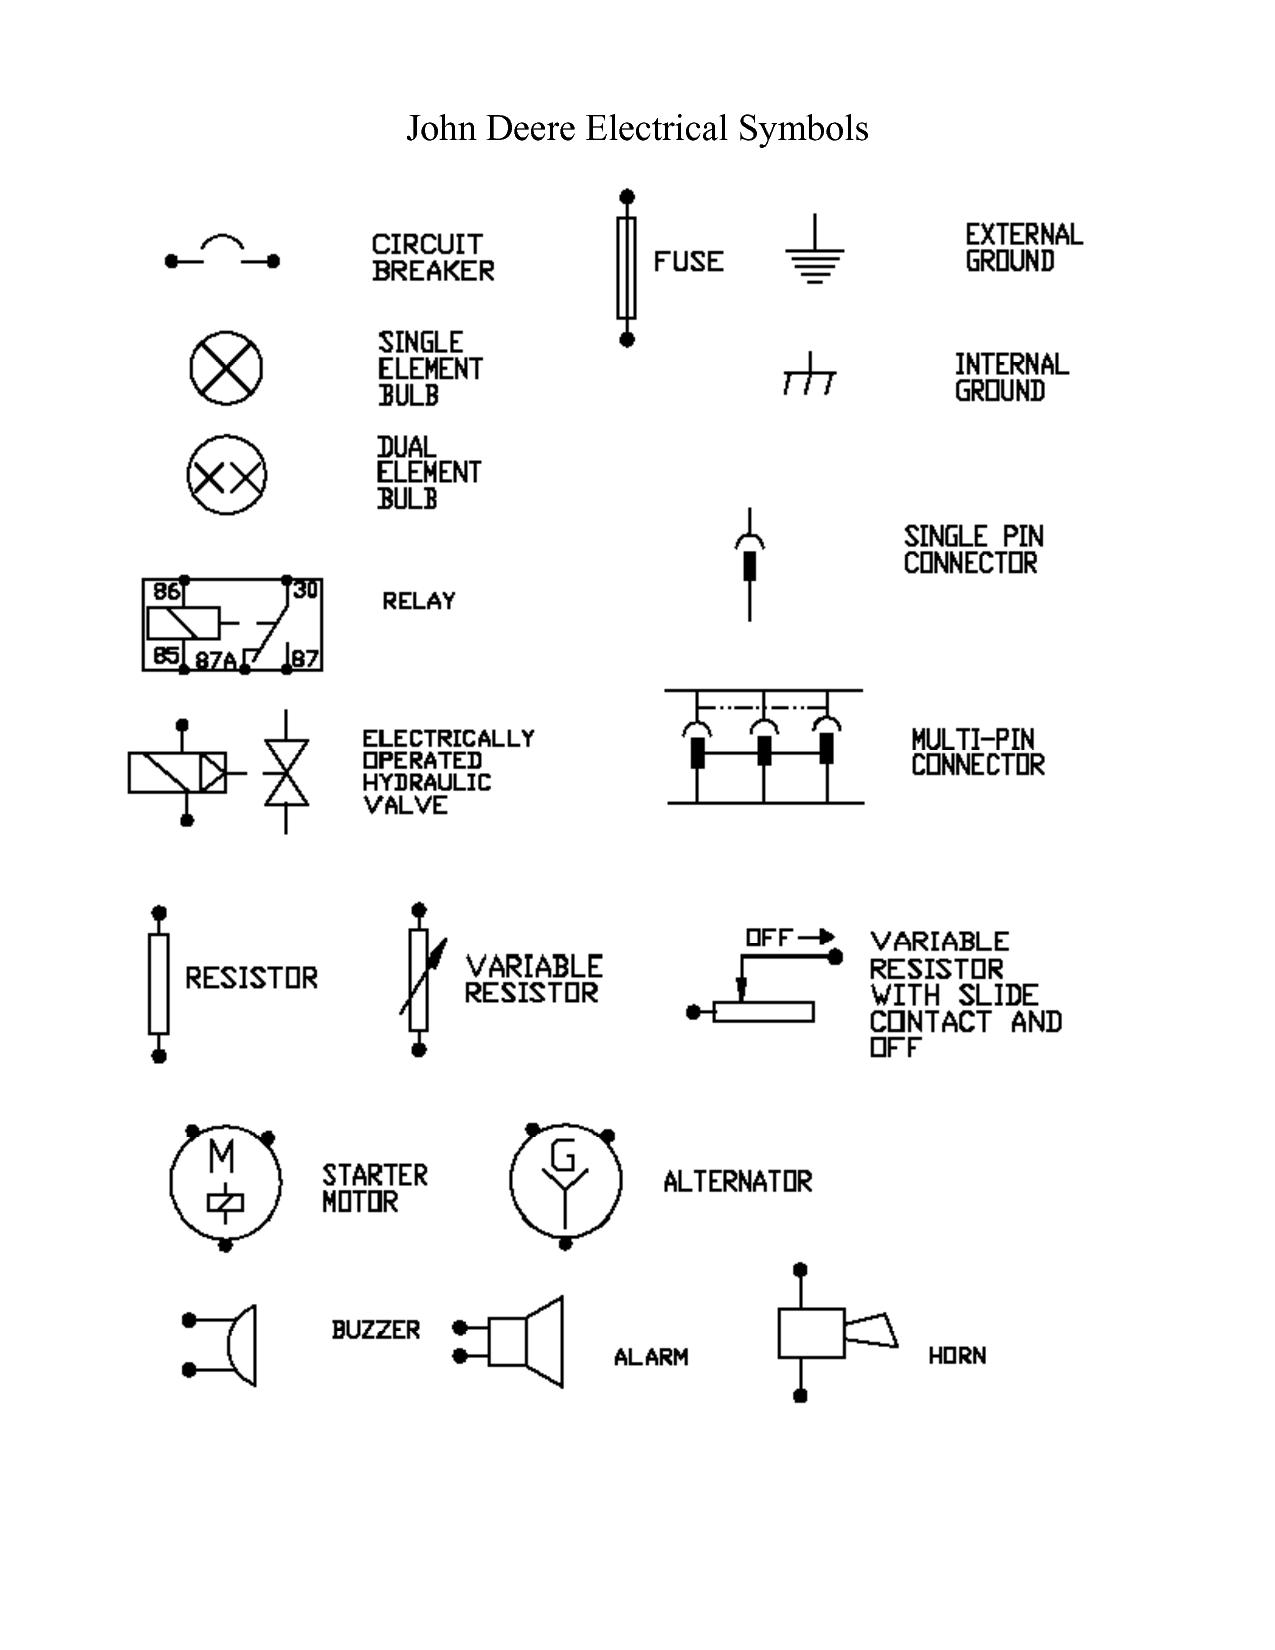 Pnuematics Symbols John Deere Electrical Symbols